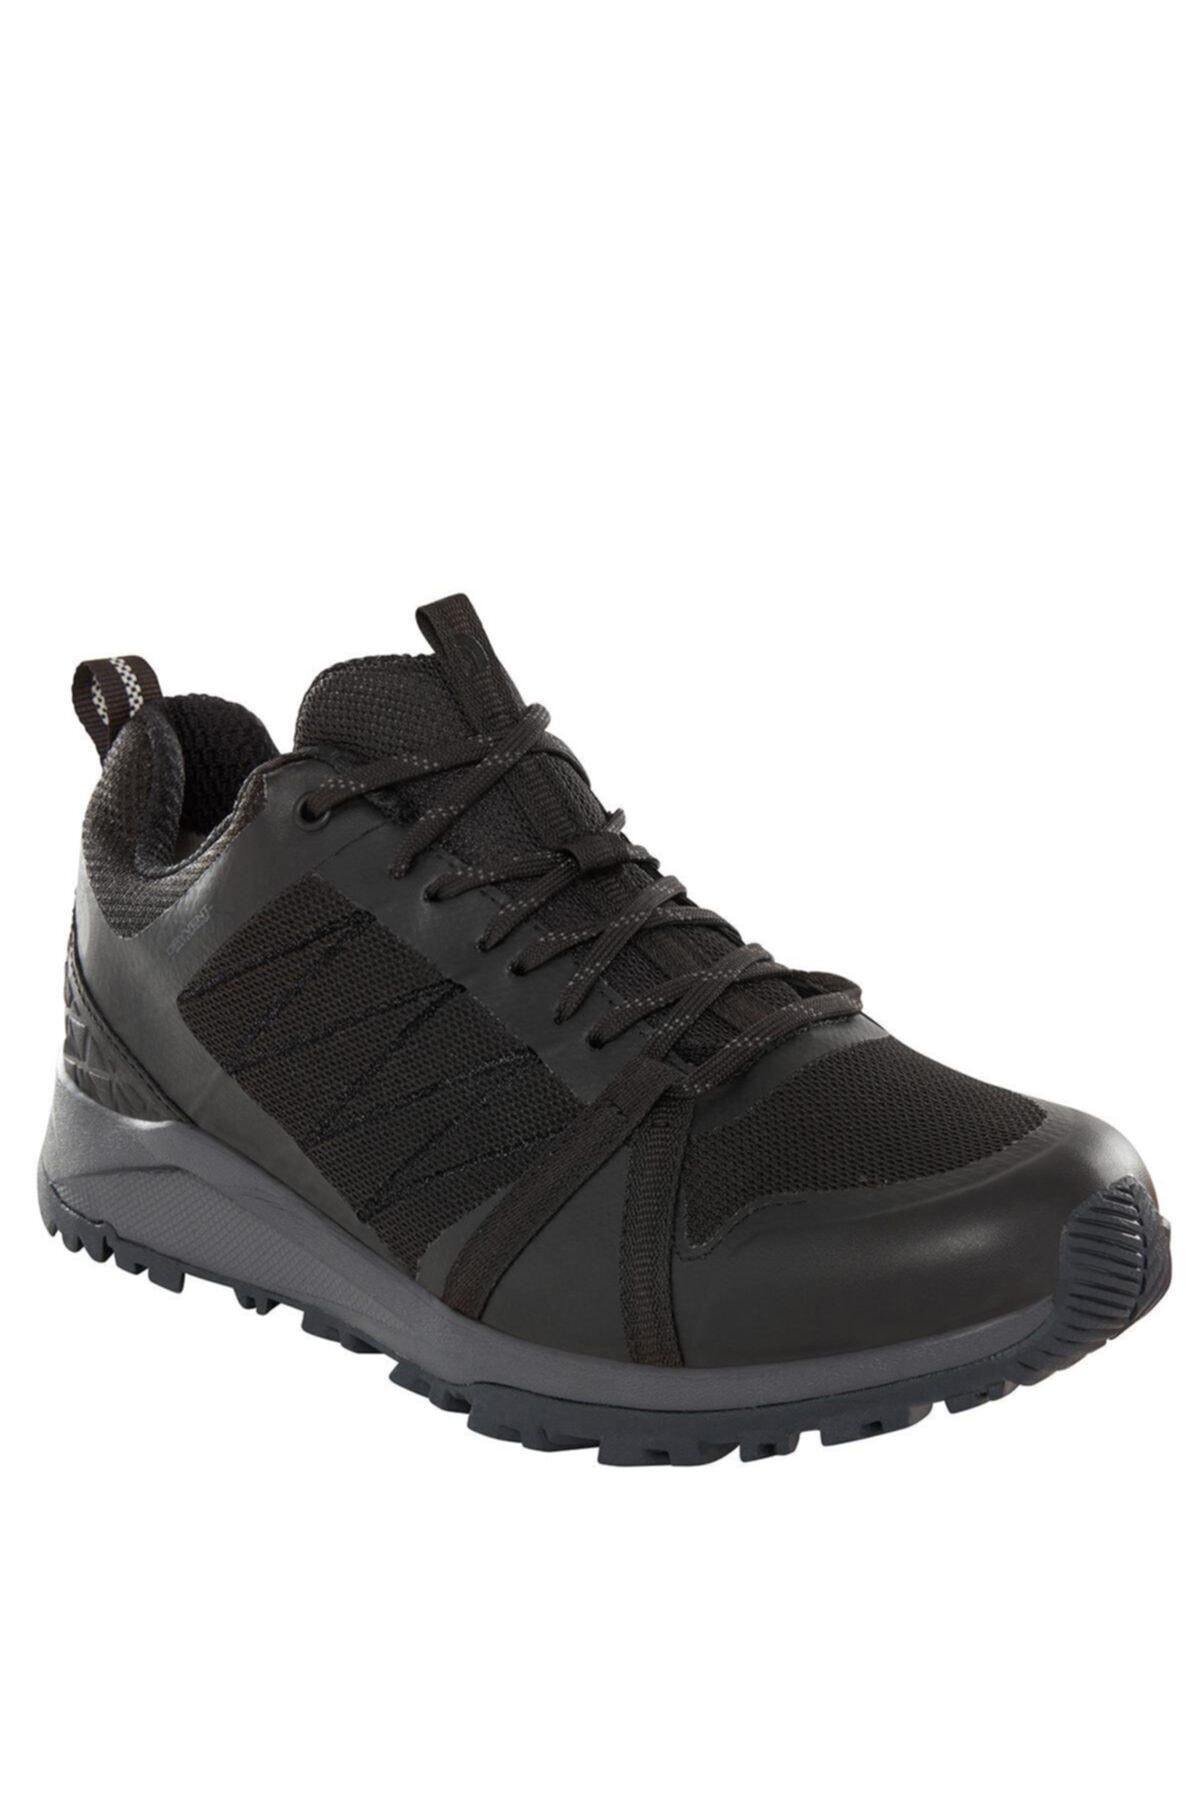 Litewave Fastpack Iı Waterproof Kadın Ayakkabı Siyah